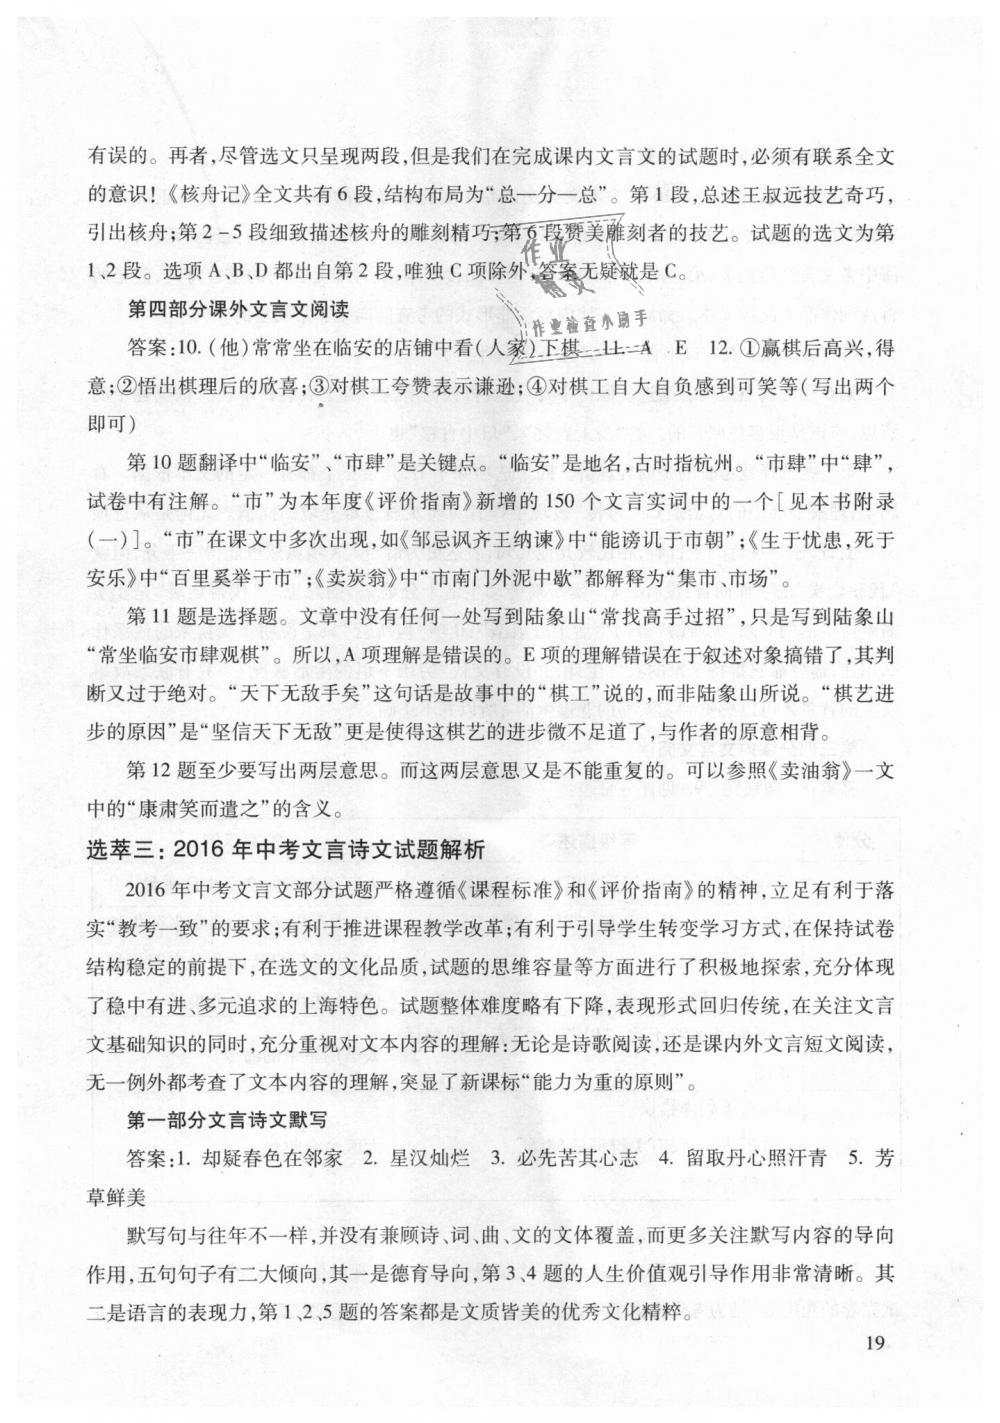 2018年中考文言诗文考试篇目点击九年级语文沪教版第19页